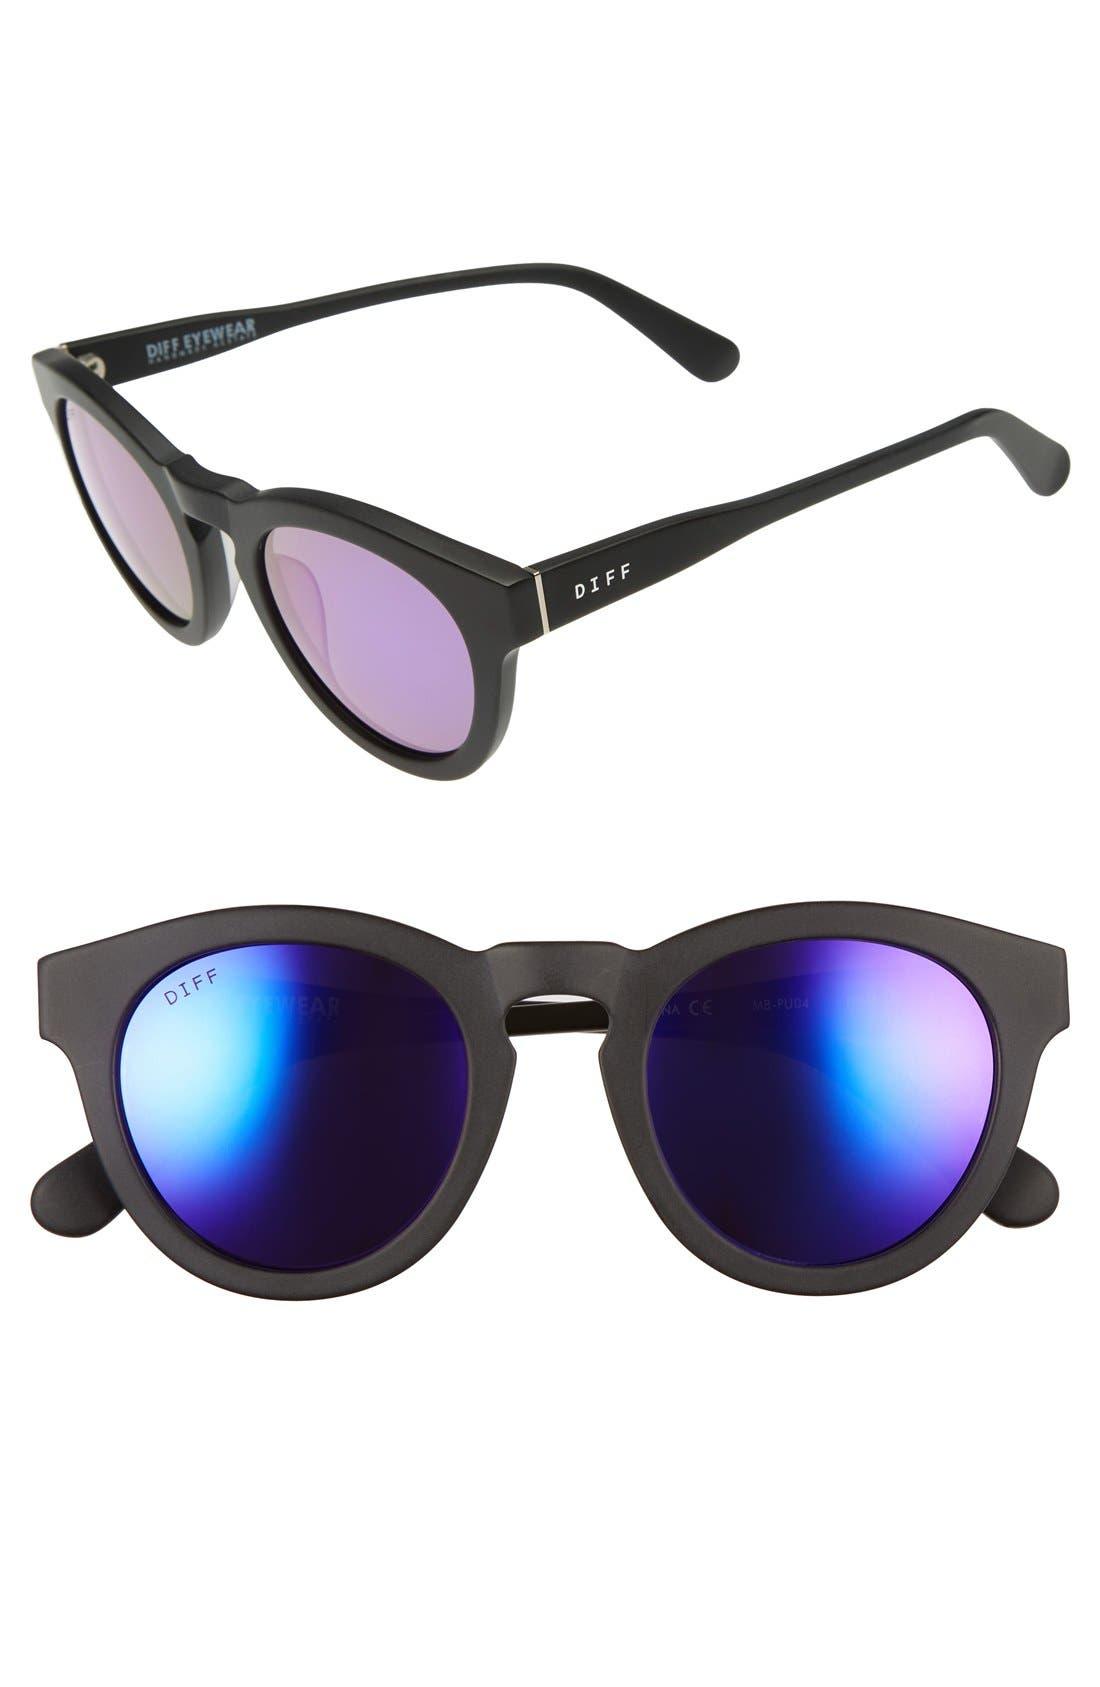 Dime II 48mm Retro Sunglasses,                         Main,                         color, Matte Black/ Purple